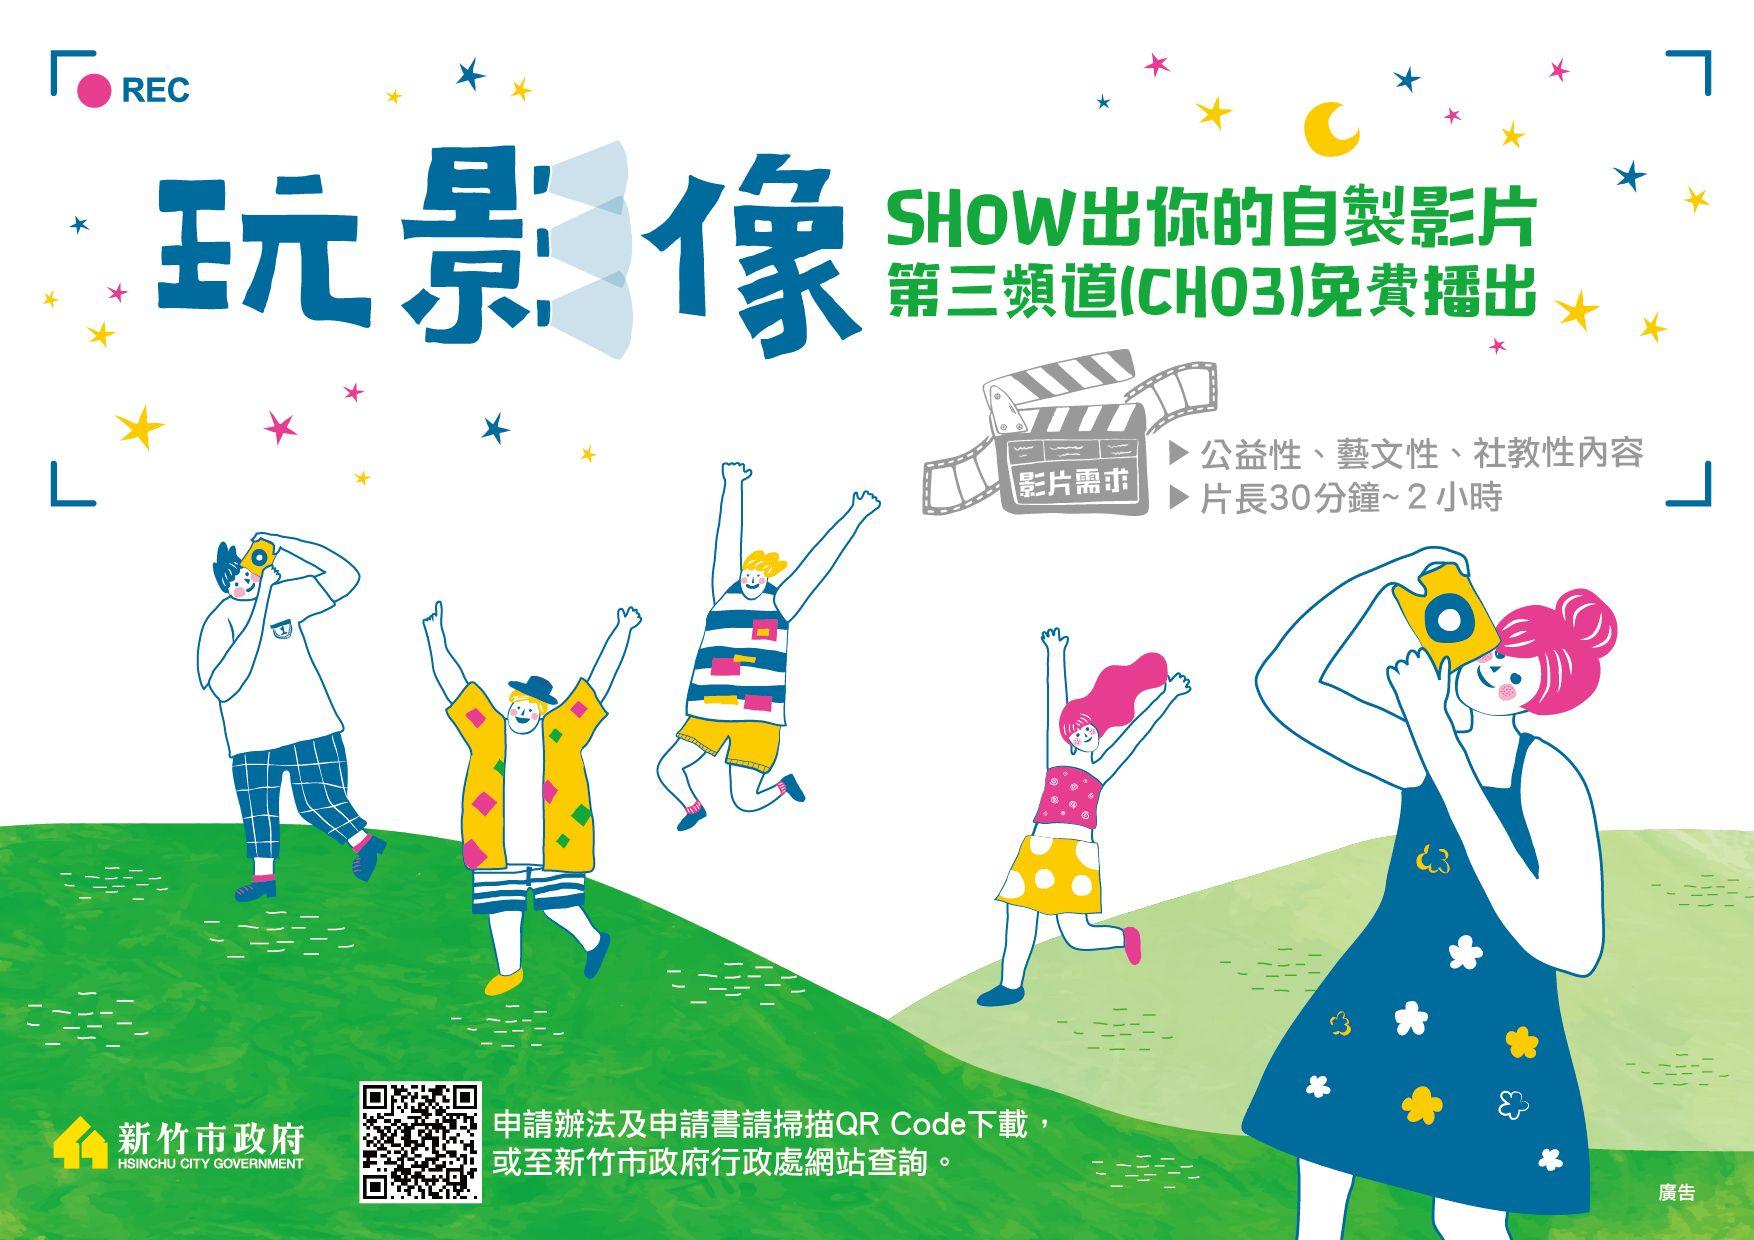 「臺北市公用頻道 LOGO」的圖片搜尋結果 Poster, Map